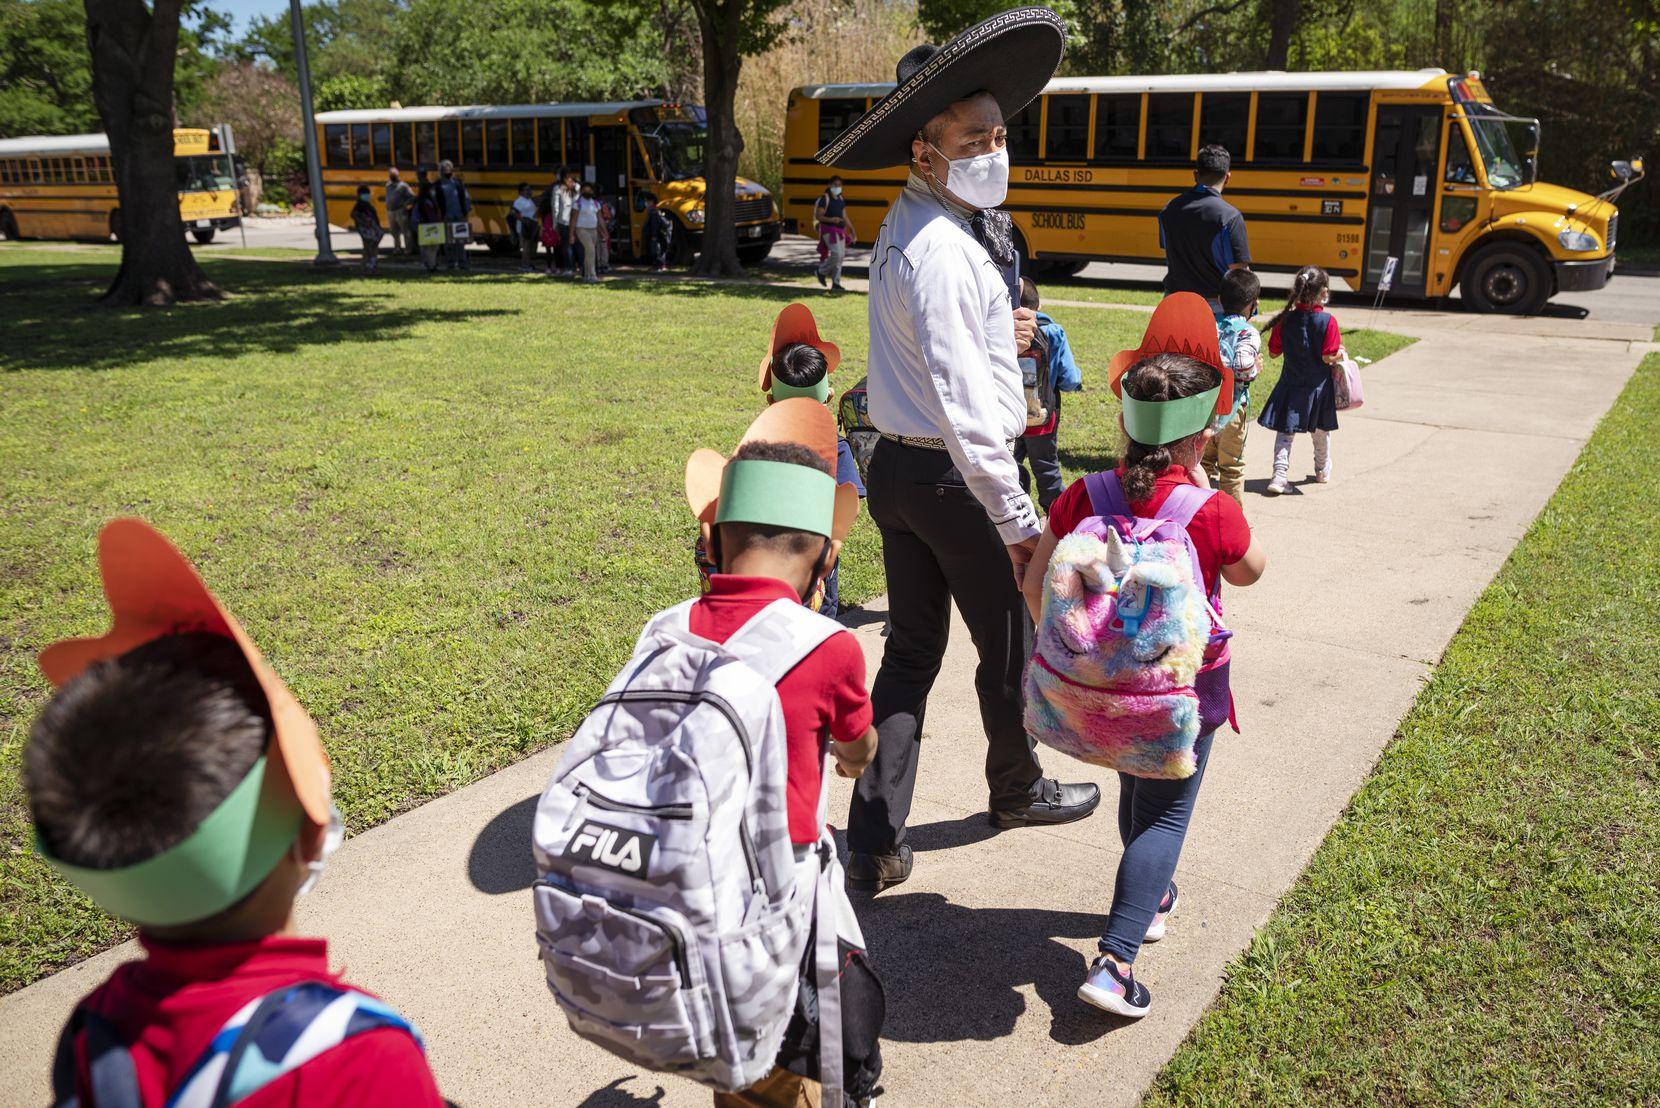 El maestro José Armendáriz acompaña a sus estudiantes a sus autobuses. Armendáriz, nativo de Coahuila, en México, fue elegido Meastro del Año por el DISD.